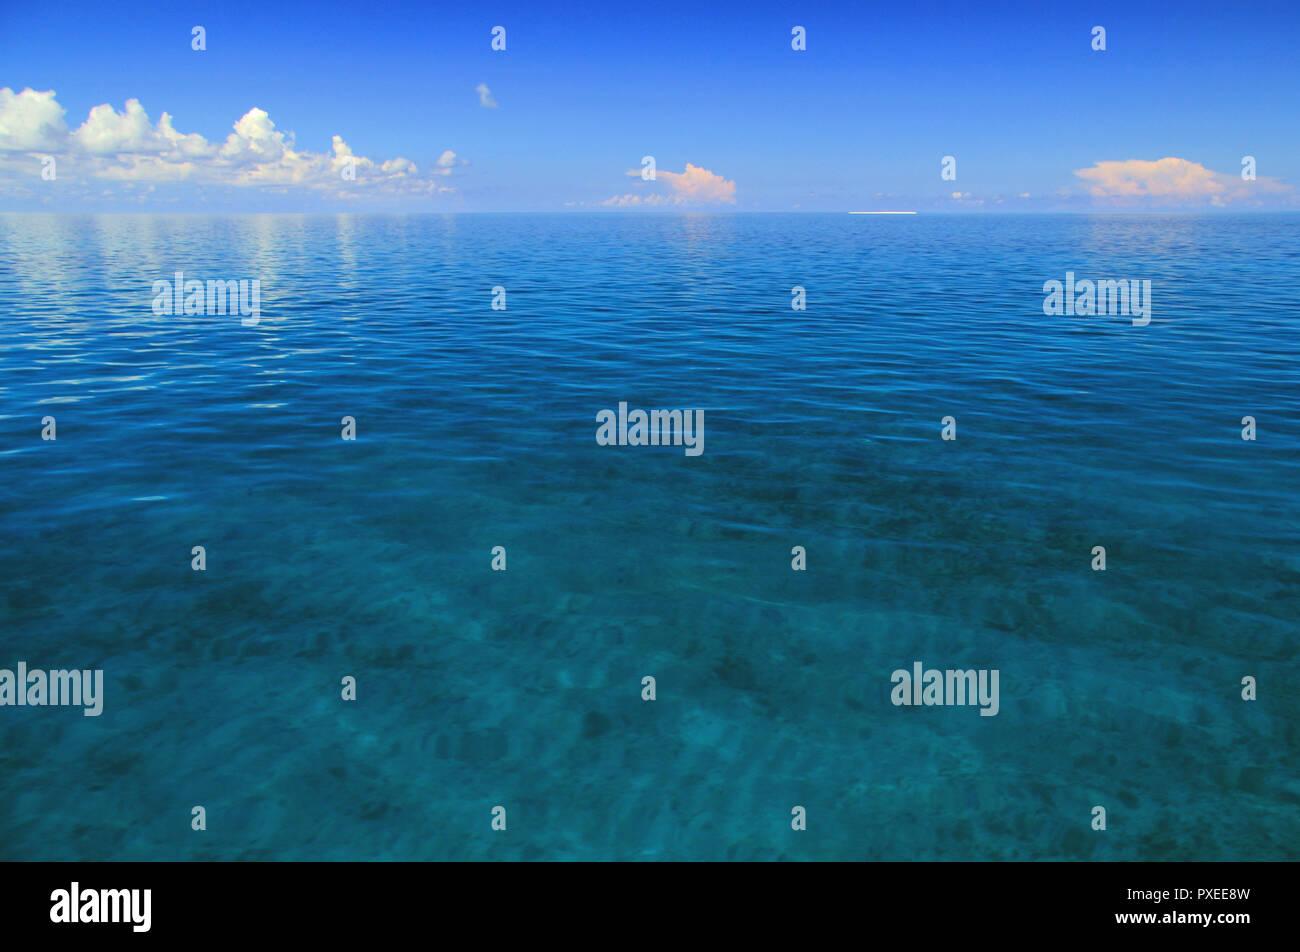 Osten, hier dargestellt, ist einer der am wenigsten zugängliche der sieben Inseln, Dry Tortugas National Park in den Florida Keys Stockfoto